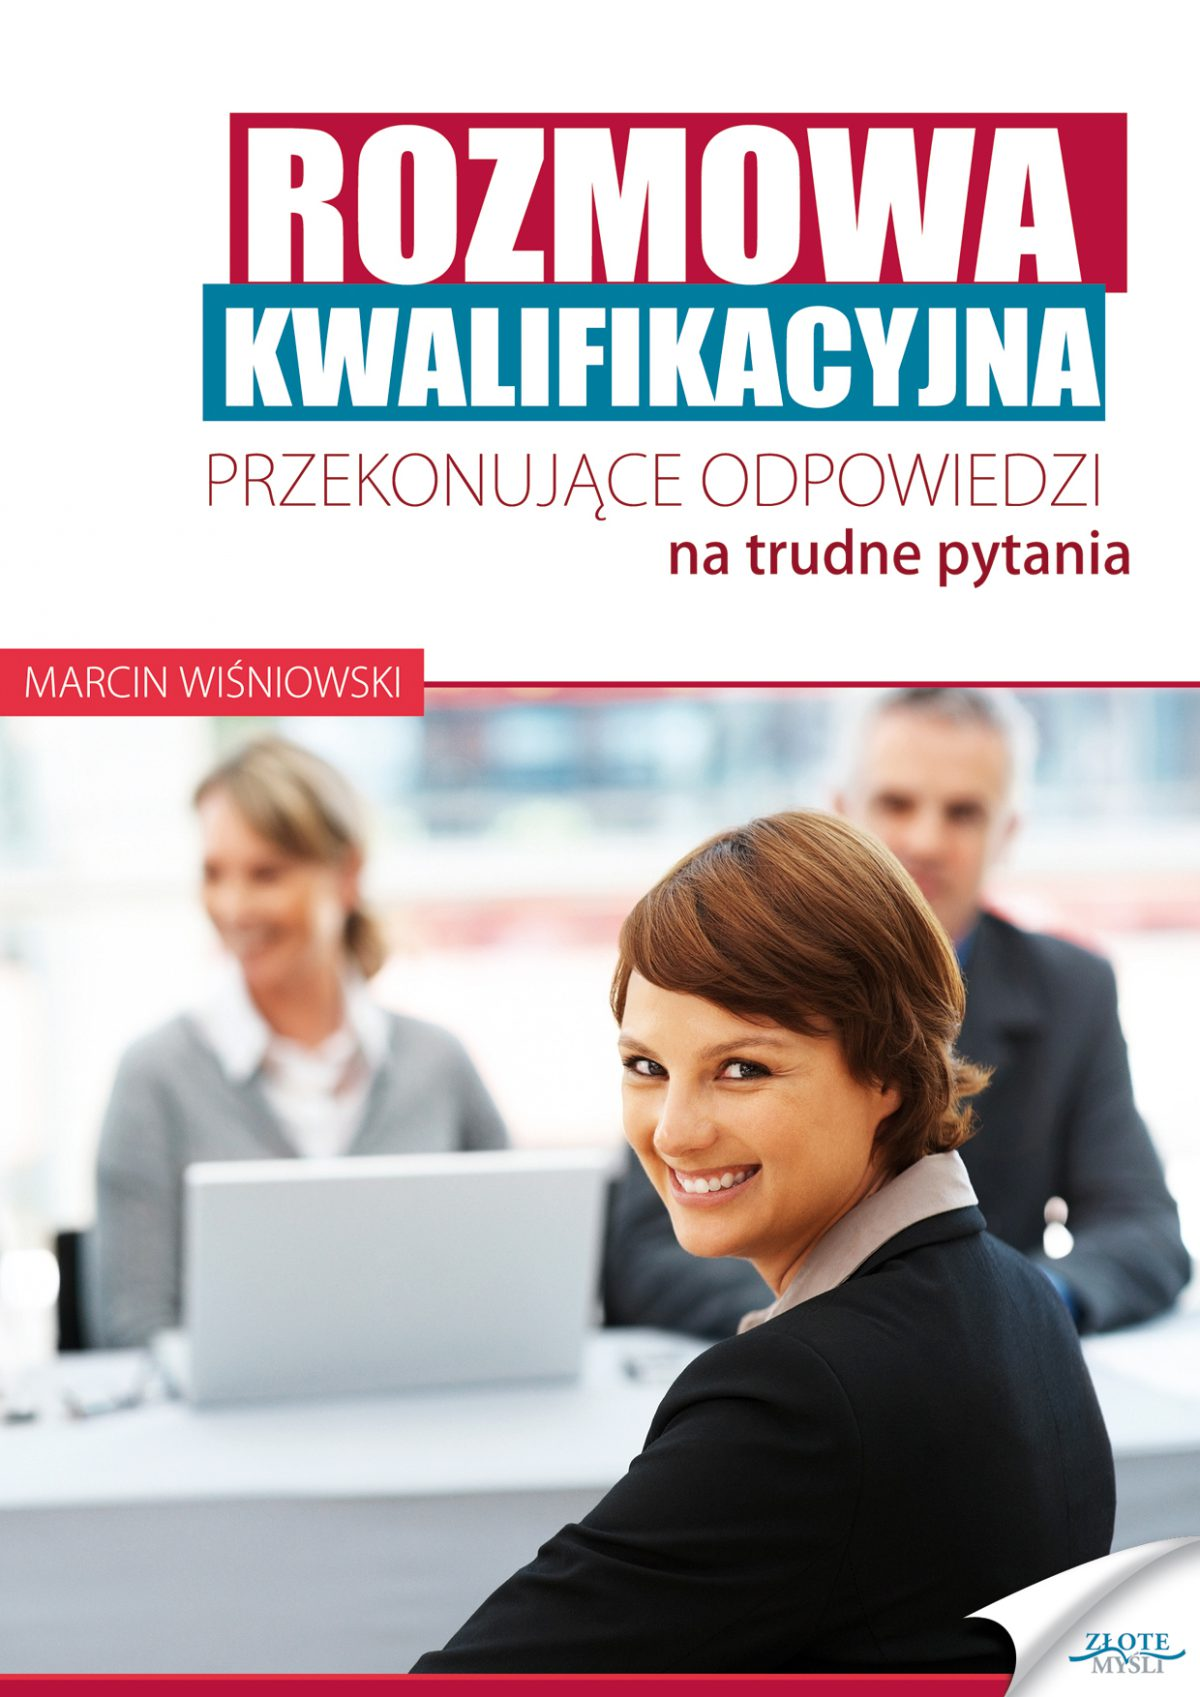 Rozmowa kwalifikacyjna - Ebook (Książka PDF) do pobrania w formacie PDF